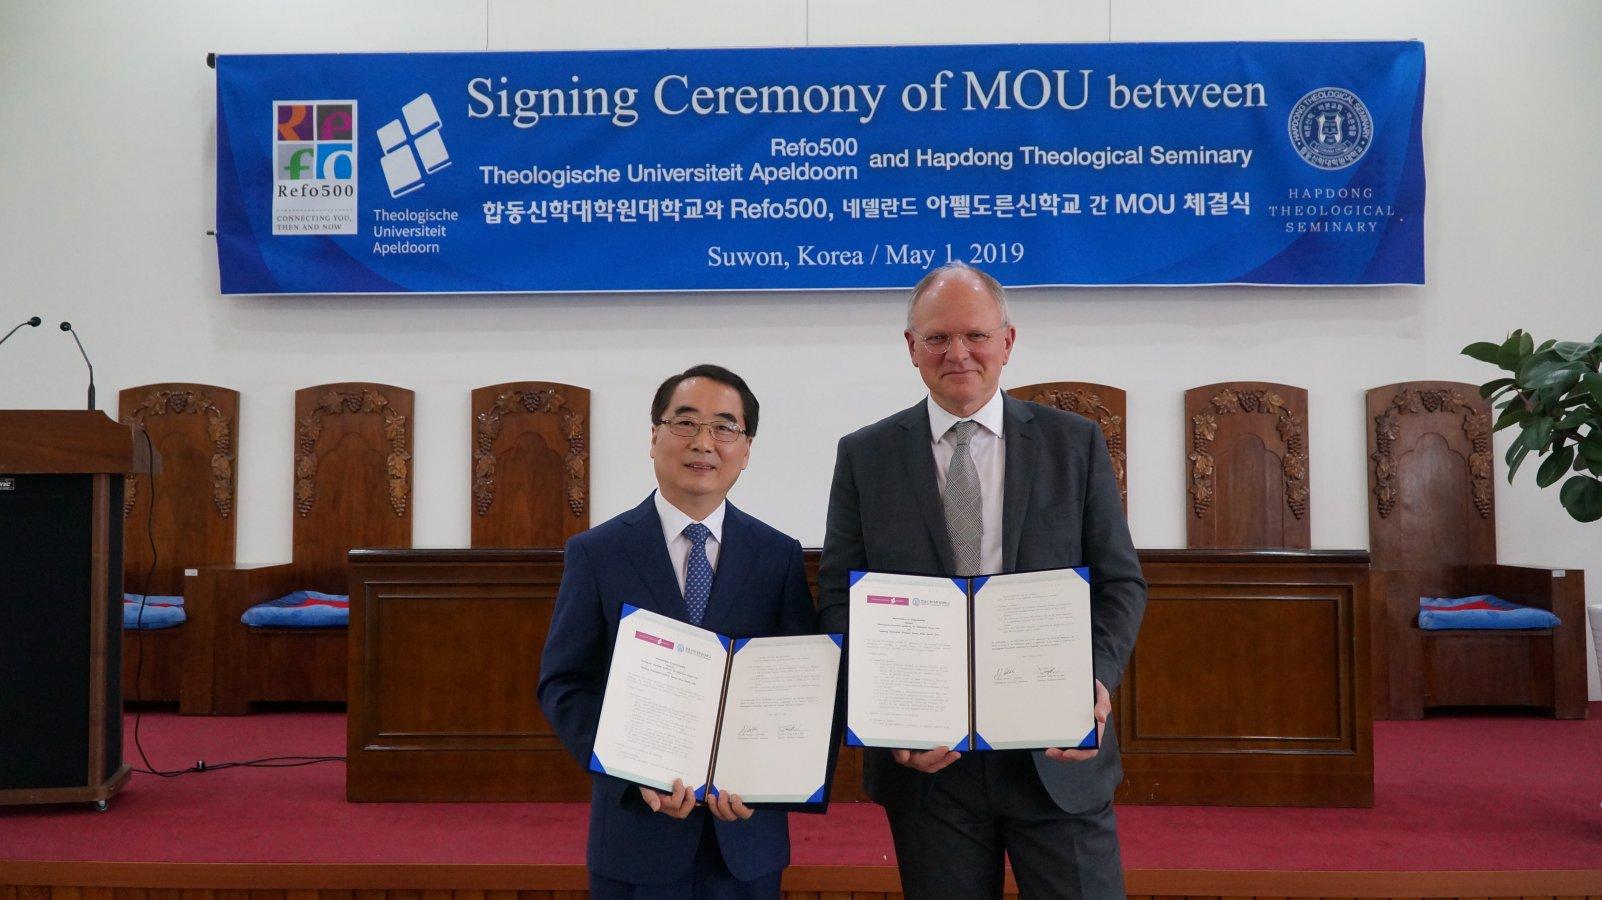 Image Samenwerkingsovereenkomst met Hapdong Theological Seminary